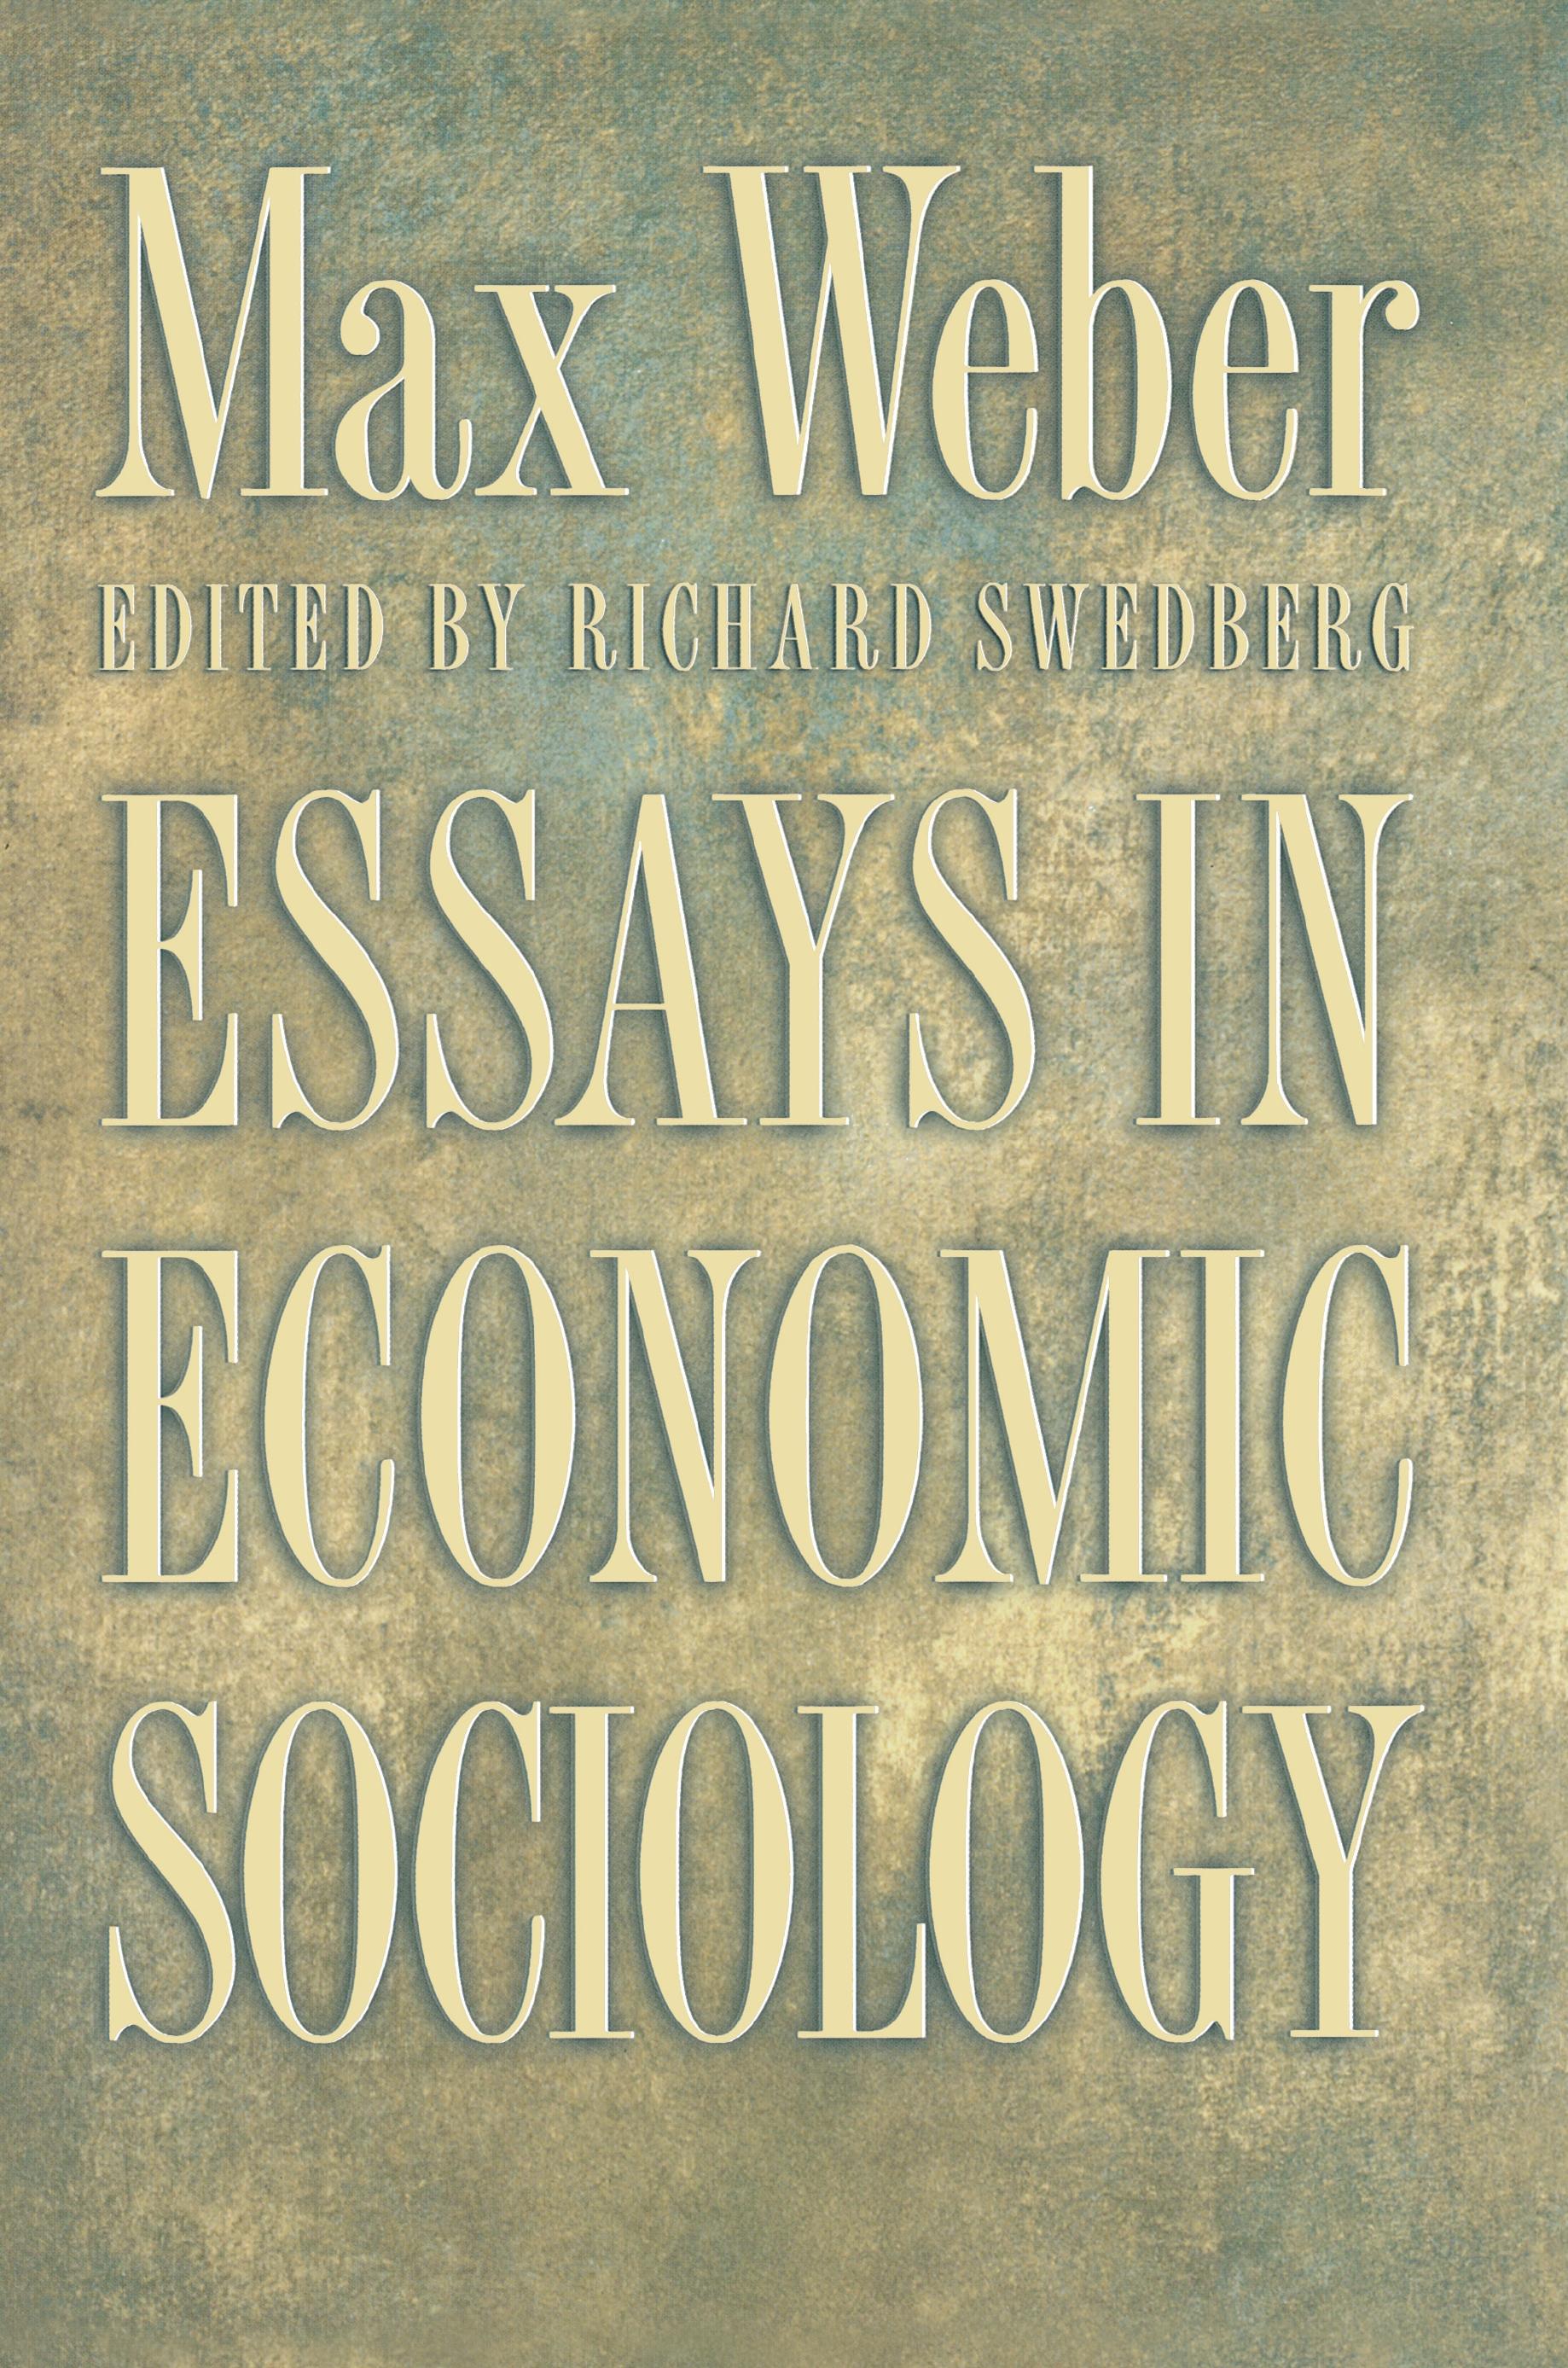 Buy sociology essay